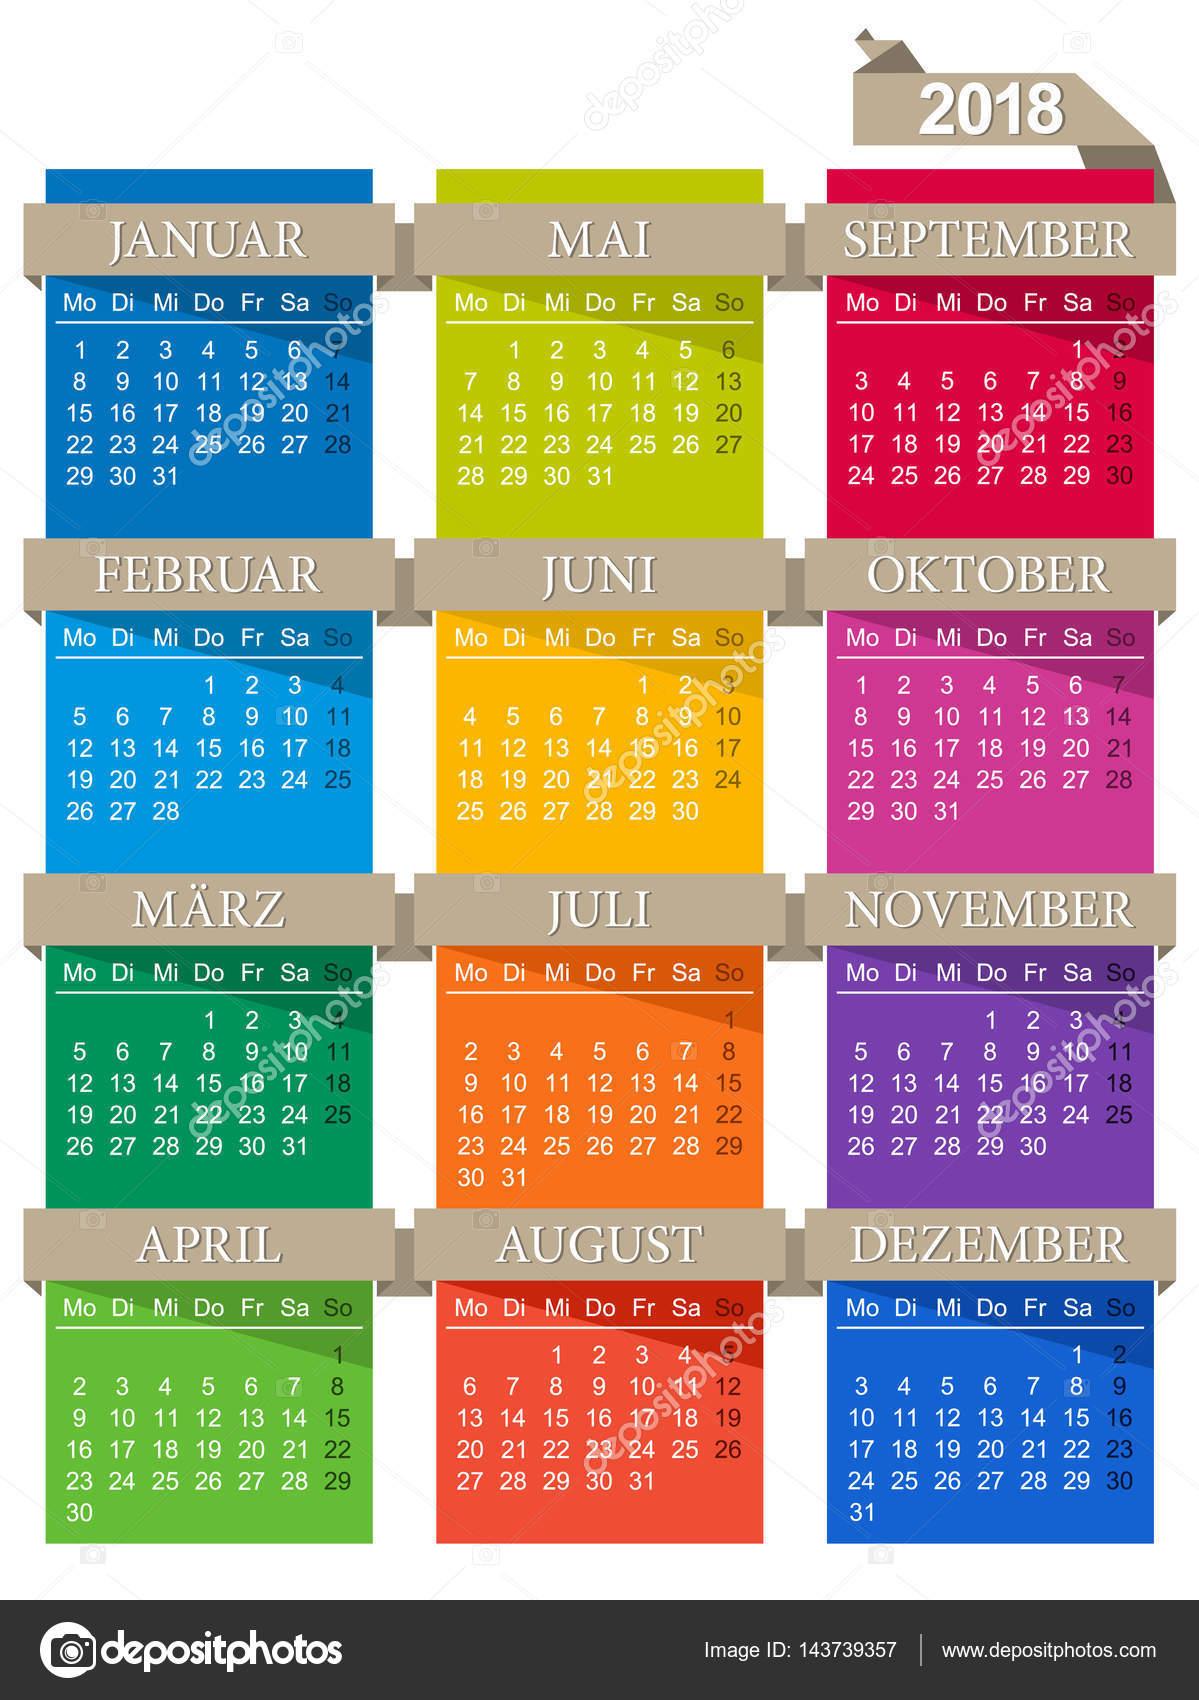 nemecky kalendar Německý kalendář 2018 — Stock Vektor © hana11 #143739357 nemecky kalendar